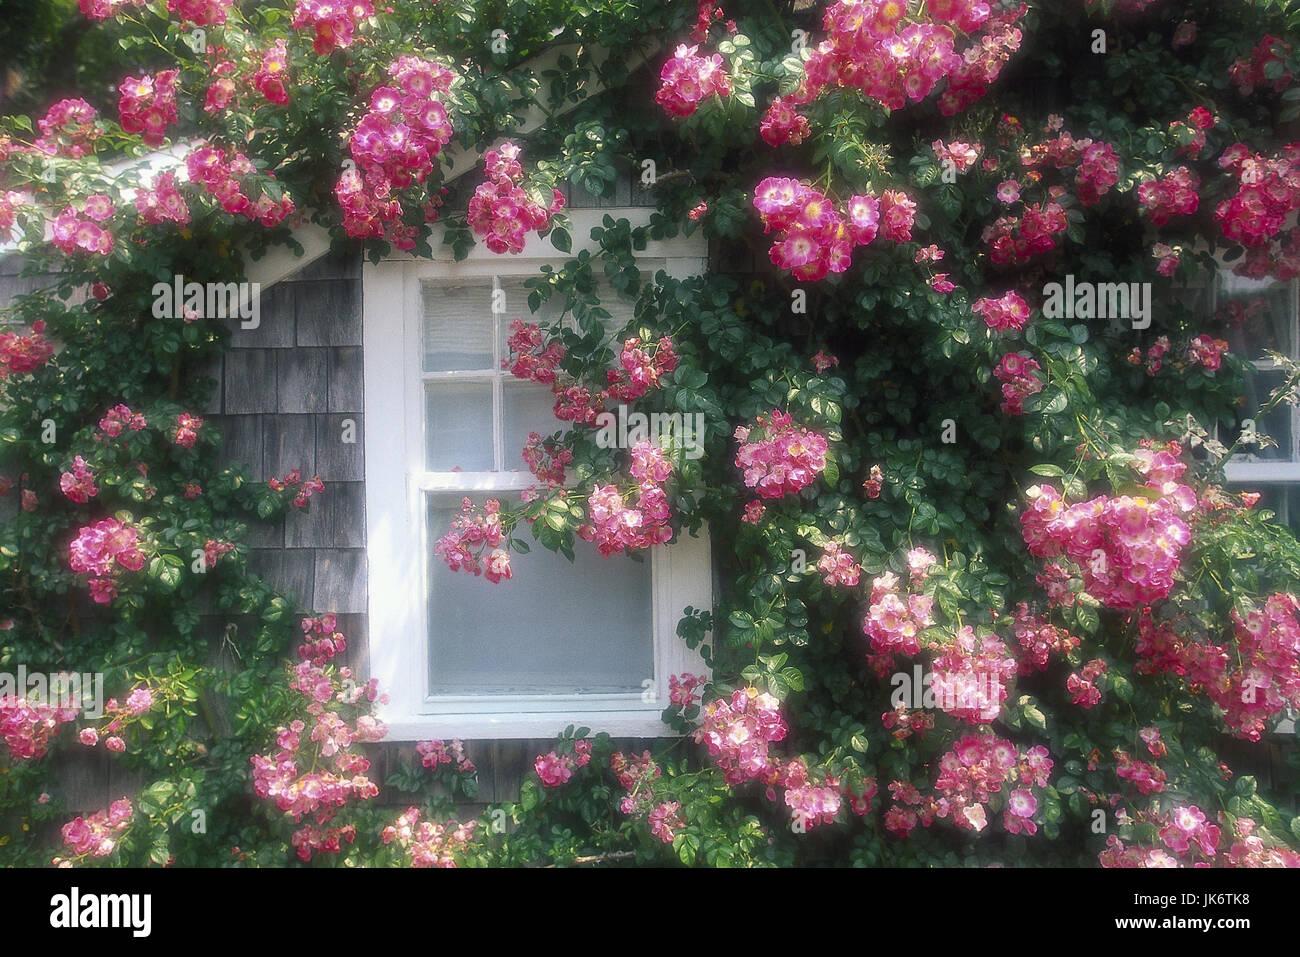 Haus, Detail, Fenster, Heckenrosen,  Blüten  USA, Massachusetts, Nantucket Island, Amerika, Rosen, Rosengewächse, Stock Photo